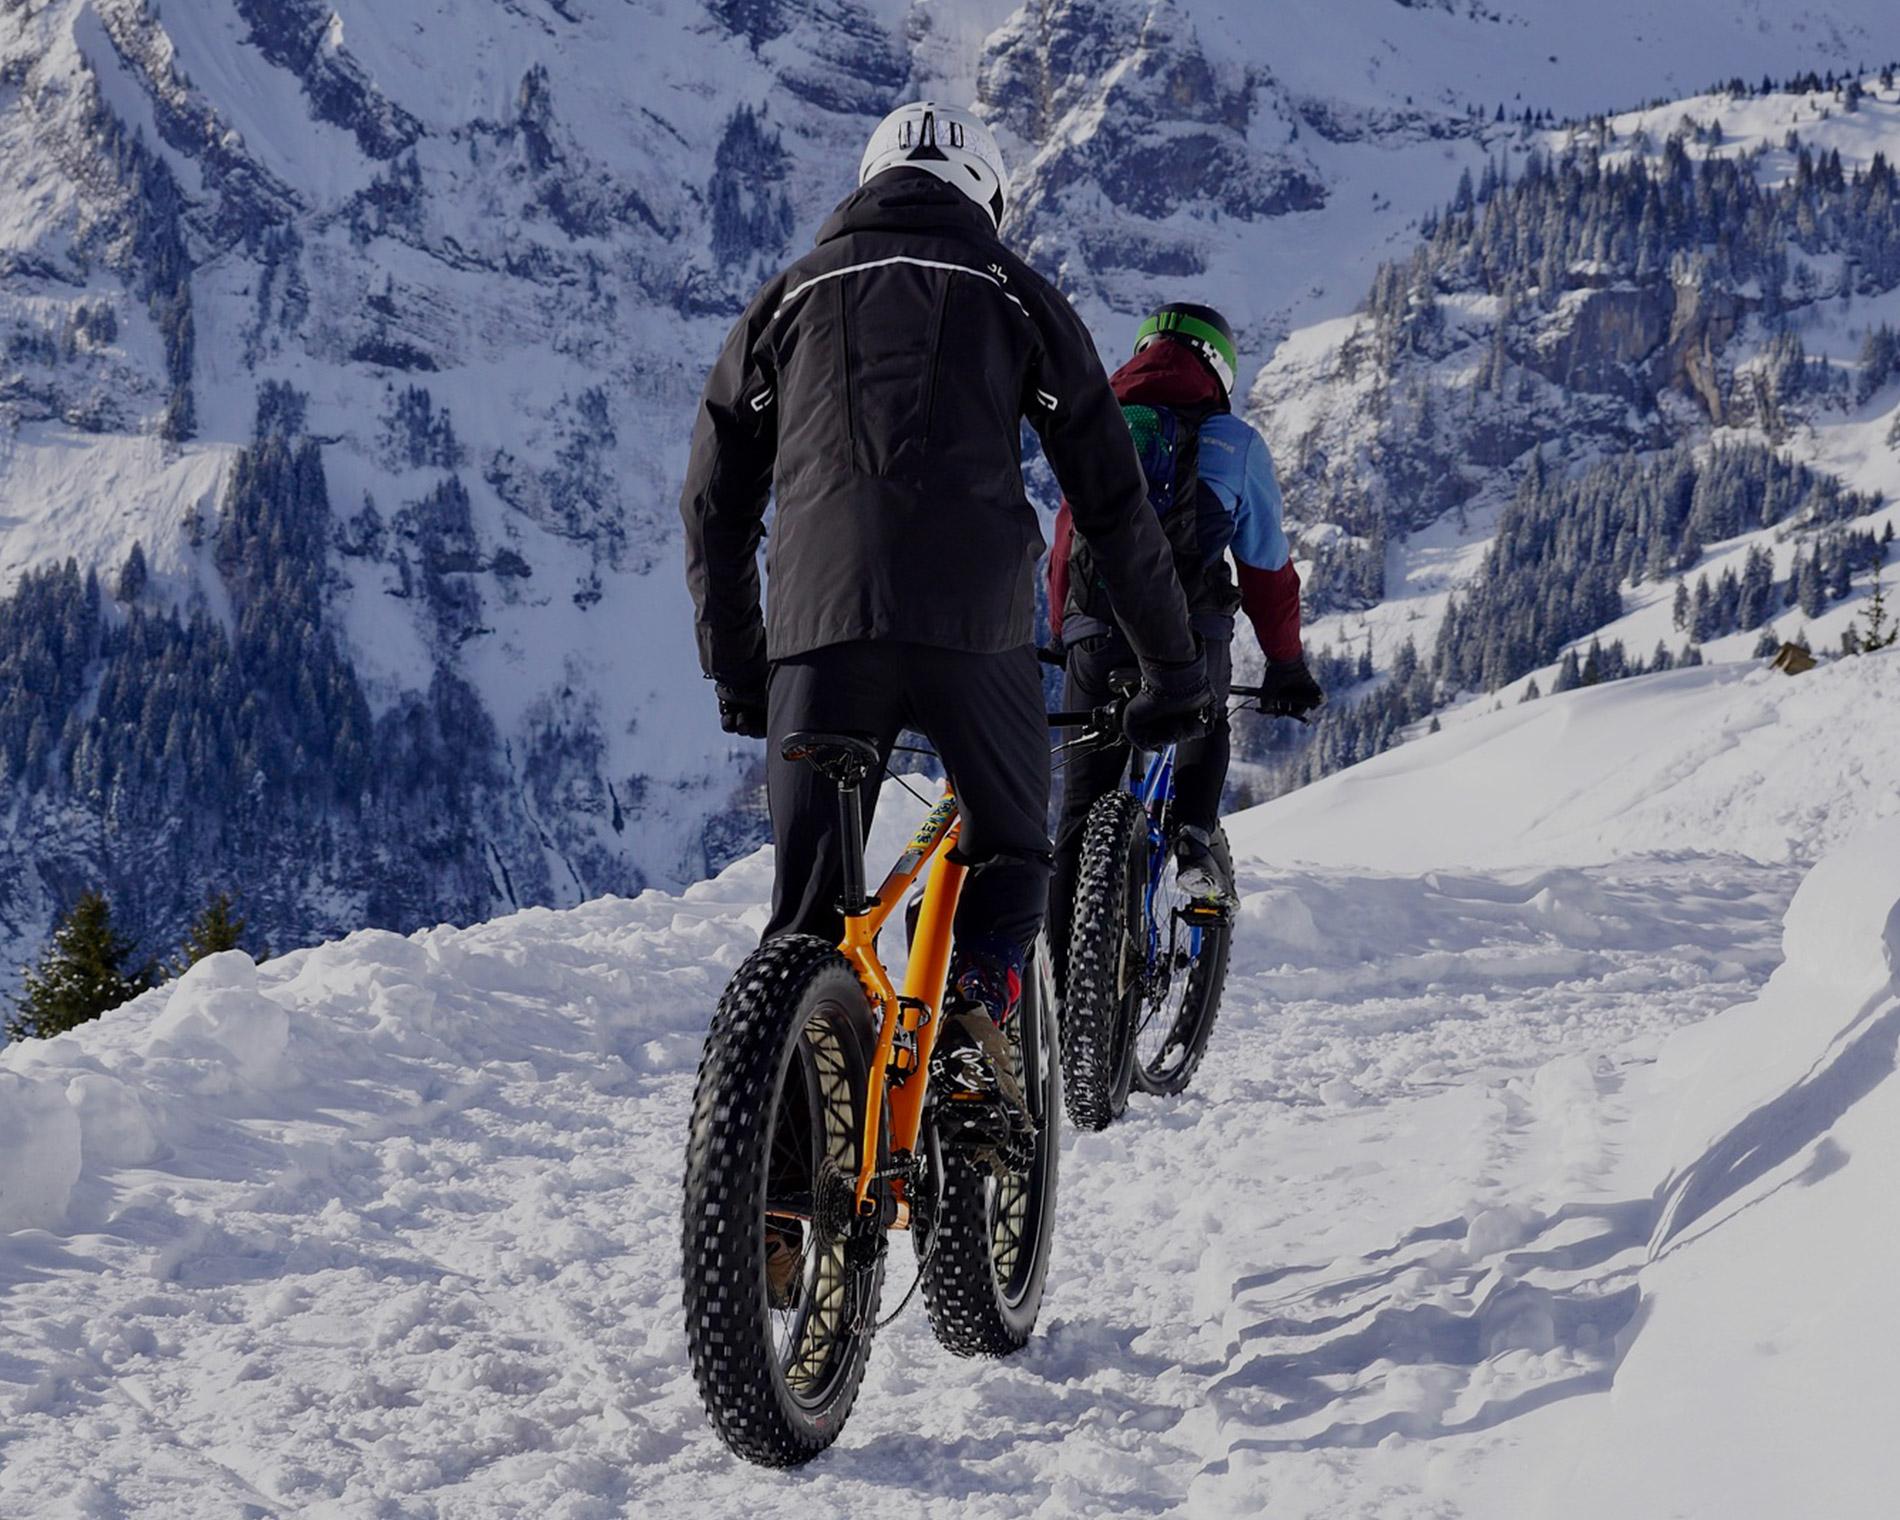 home-slider-06-winter-sportnature-travel